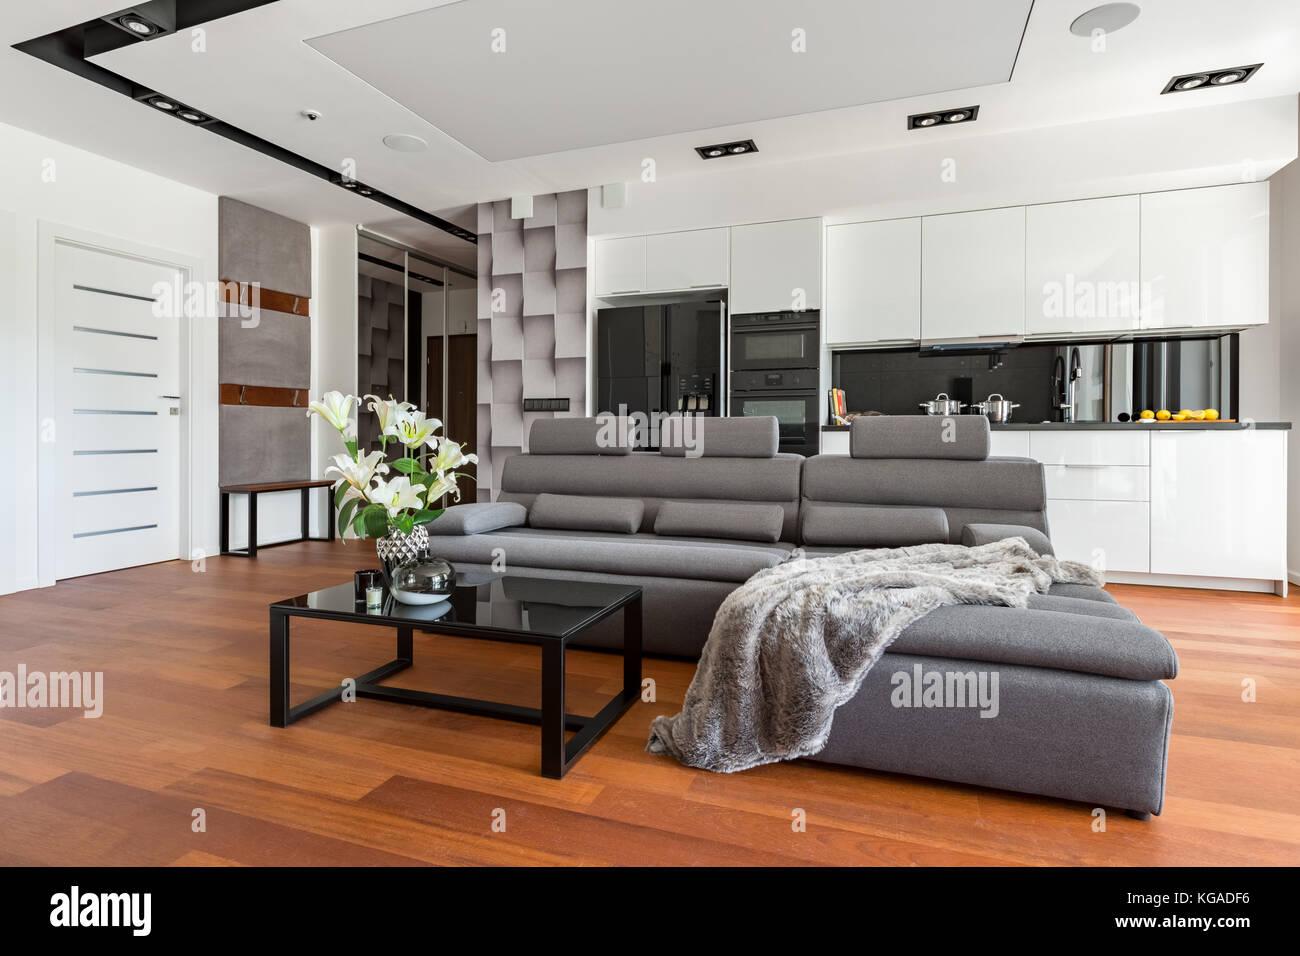 Soggiorno moderno con divano e tavolo great completo con for Divano x cucina